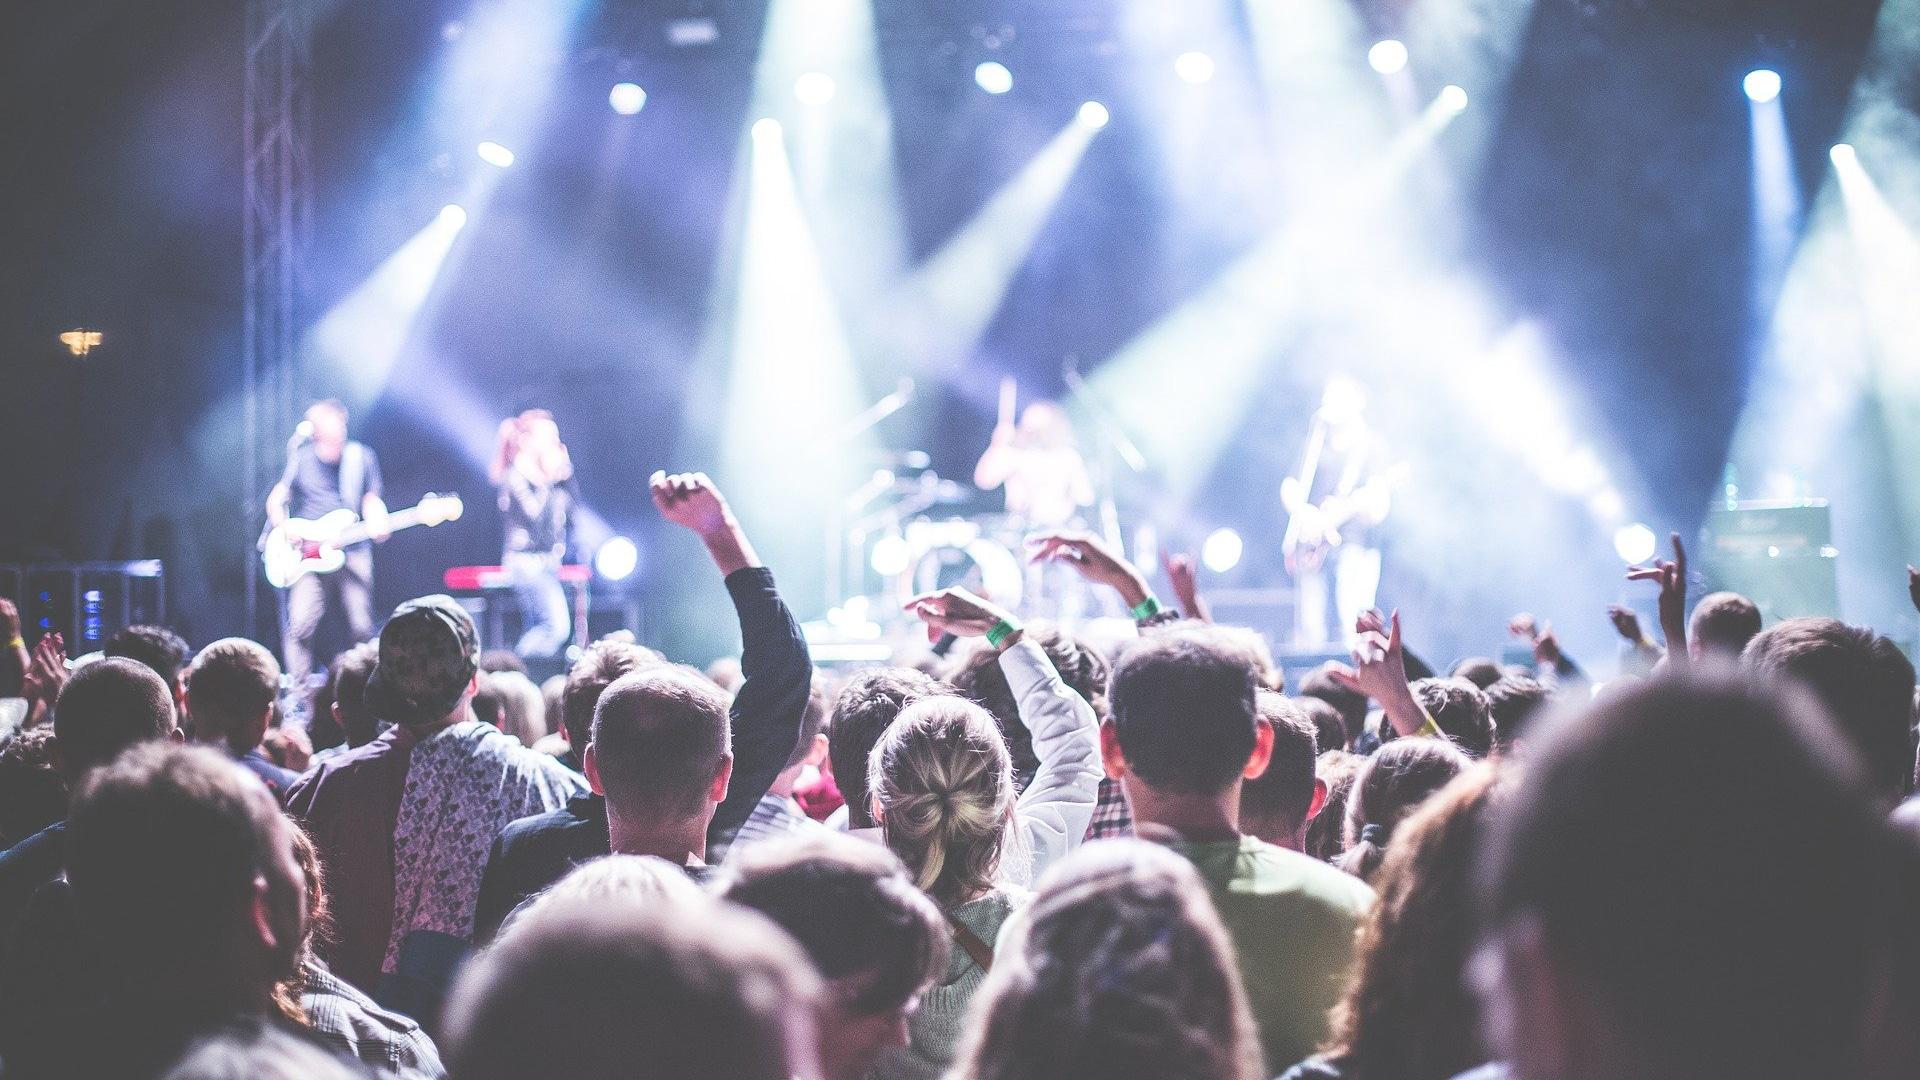 Concierto de una banda de música en un festival